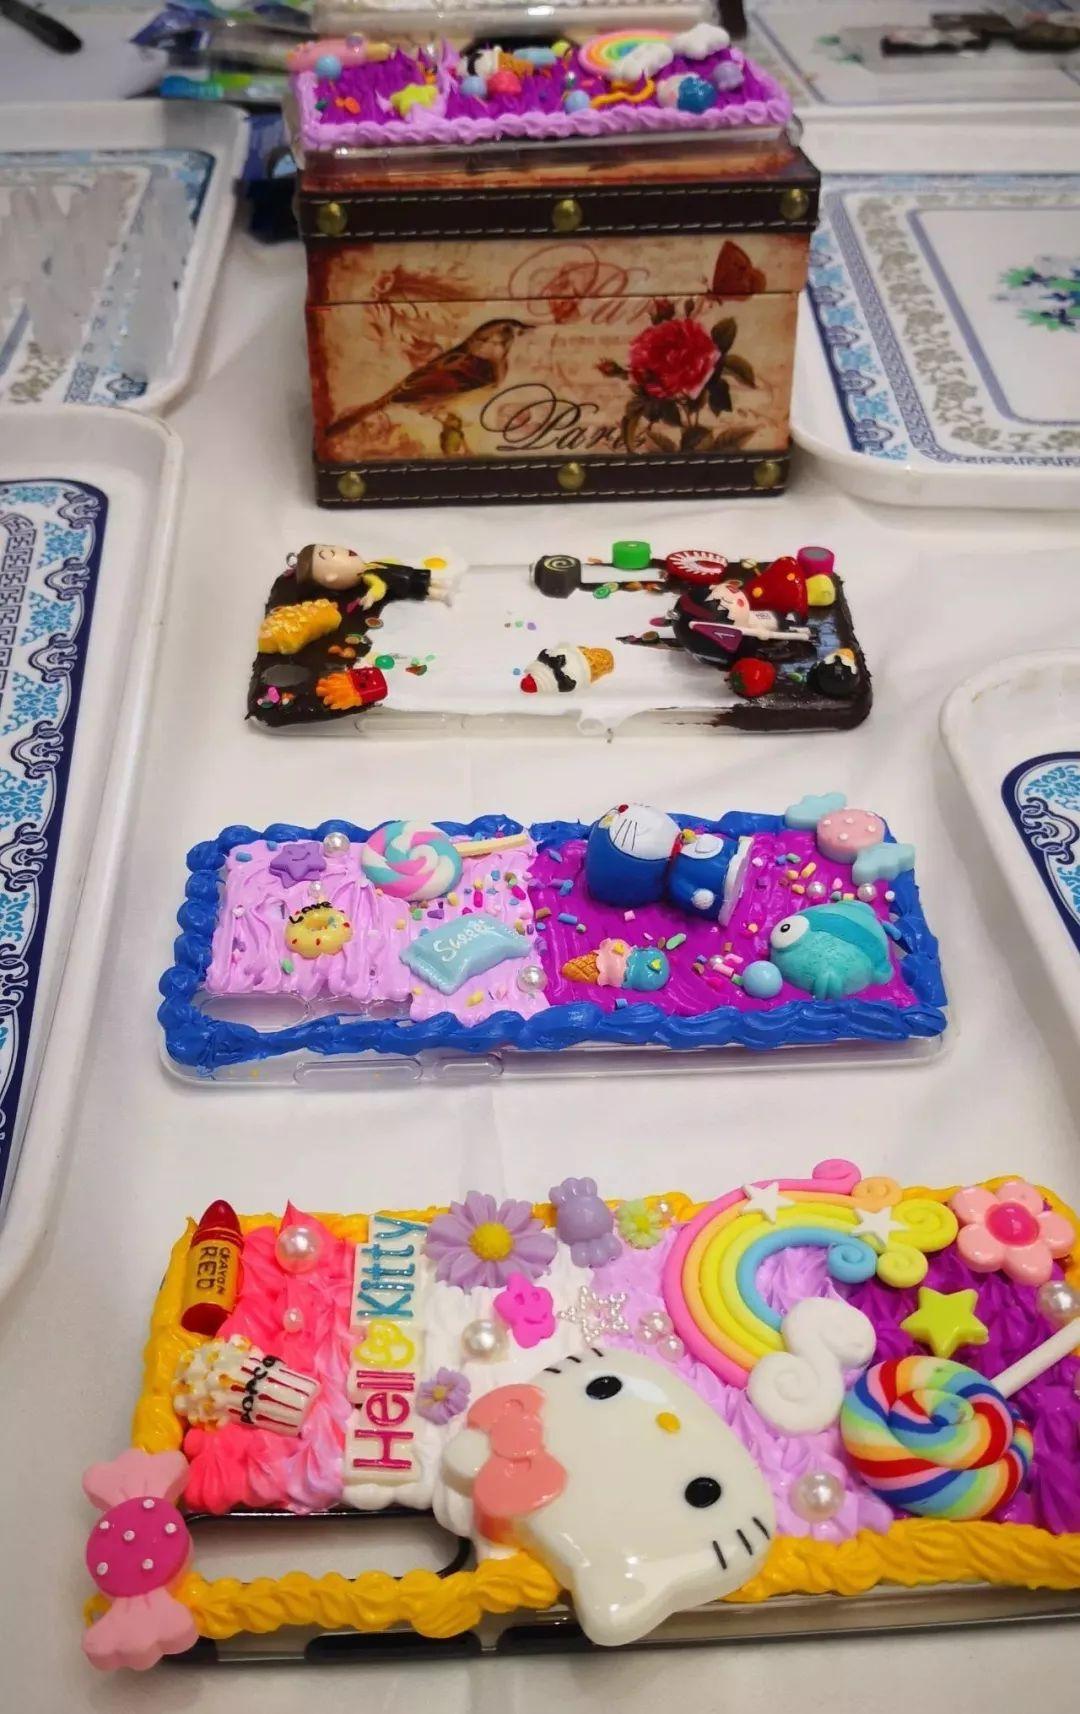 diy手机壳制作,个性印章,爱的纪念画册,vr挑战赛等多种趣味活动,各样